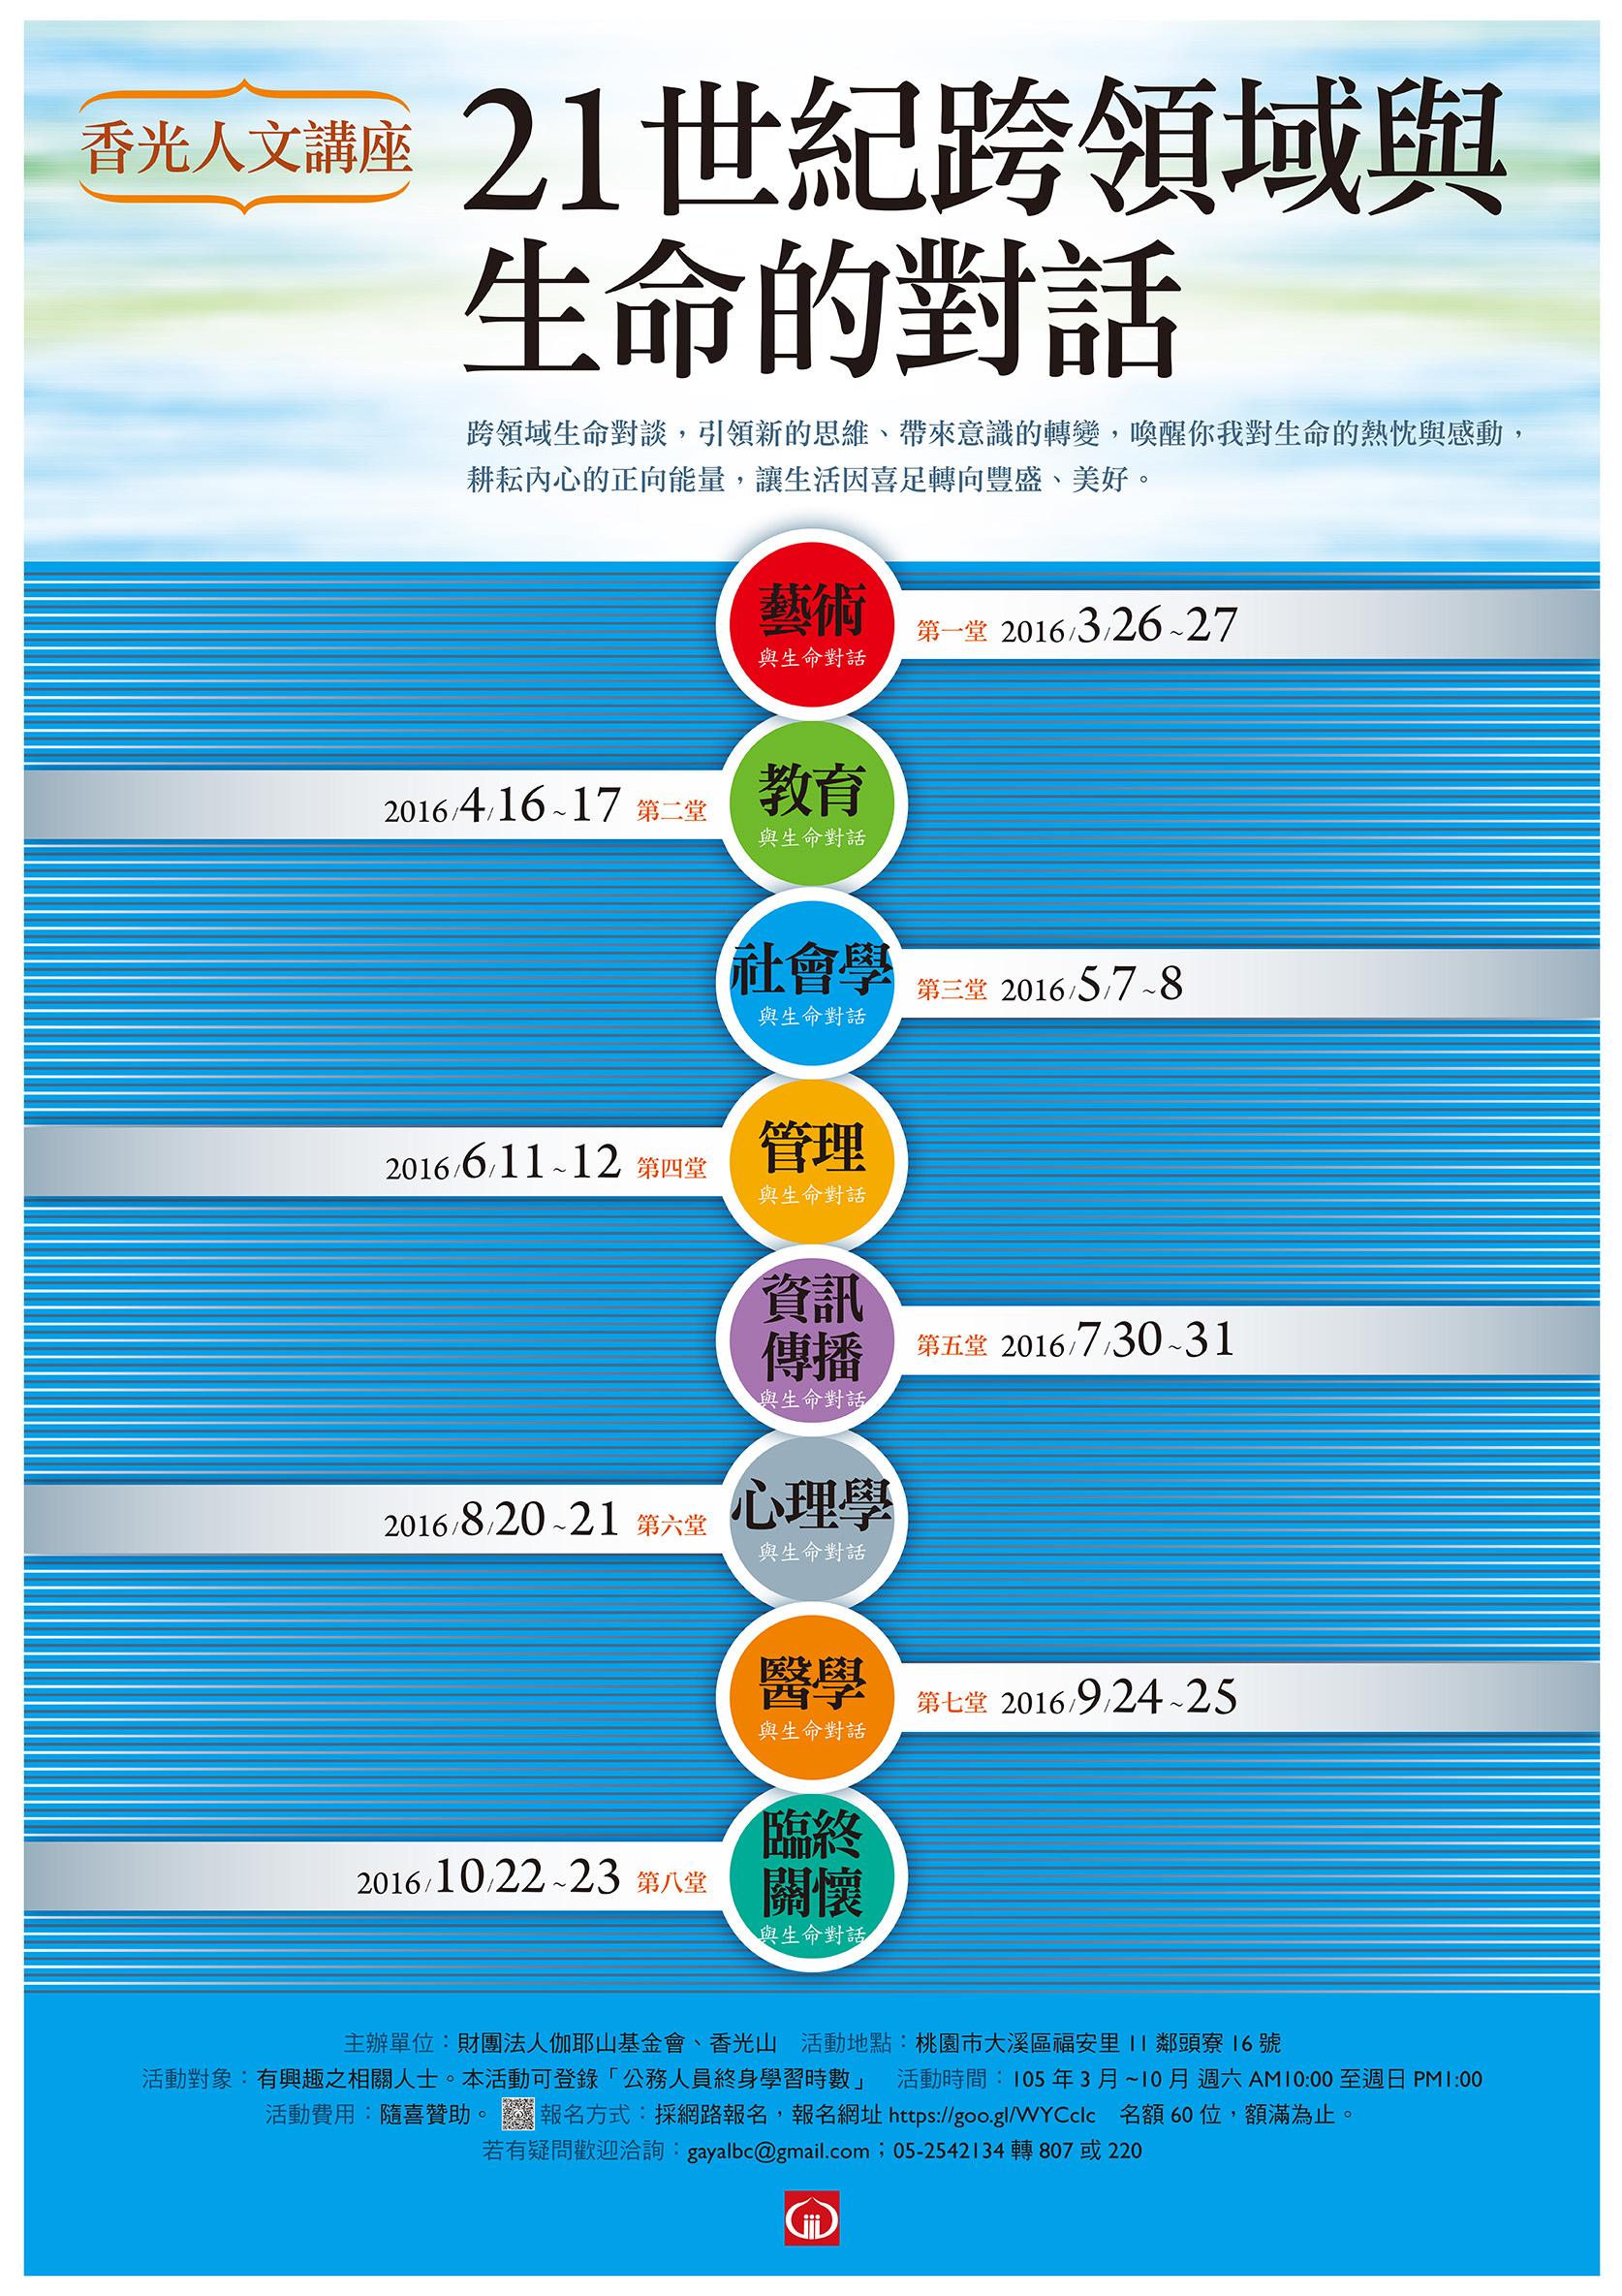 香光人文講座──21世紀跨領域與生命的對話